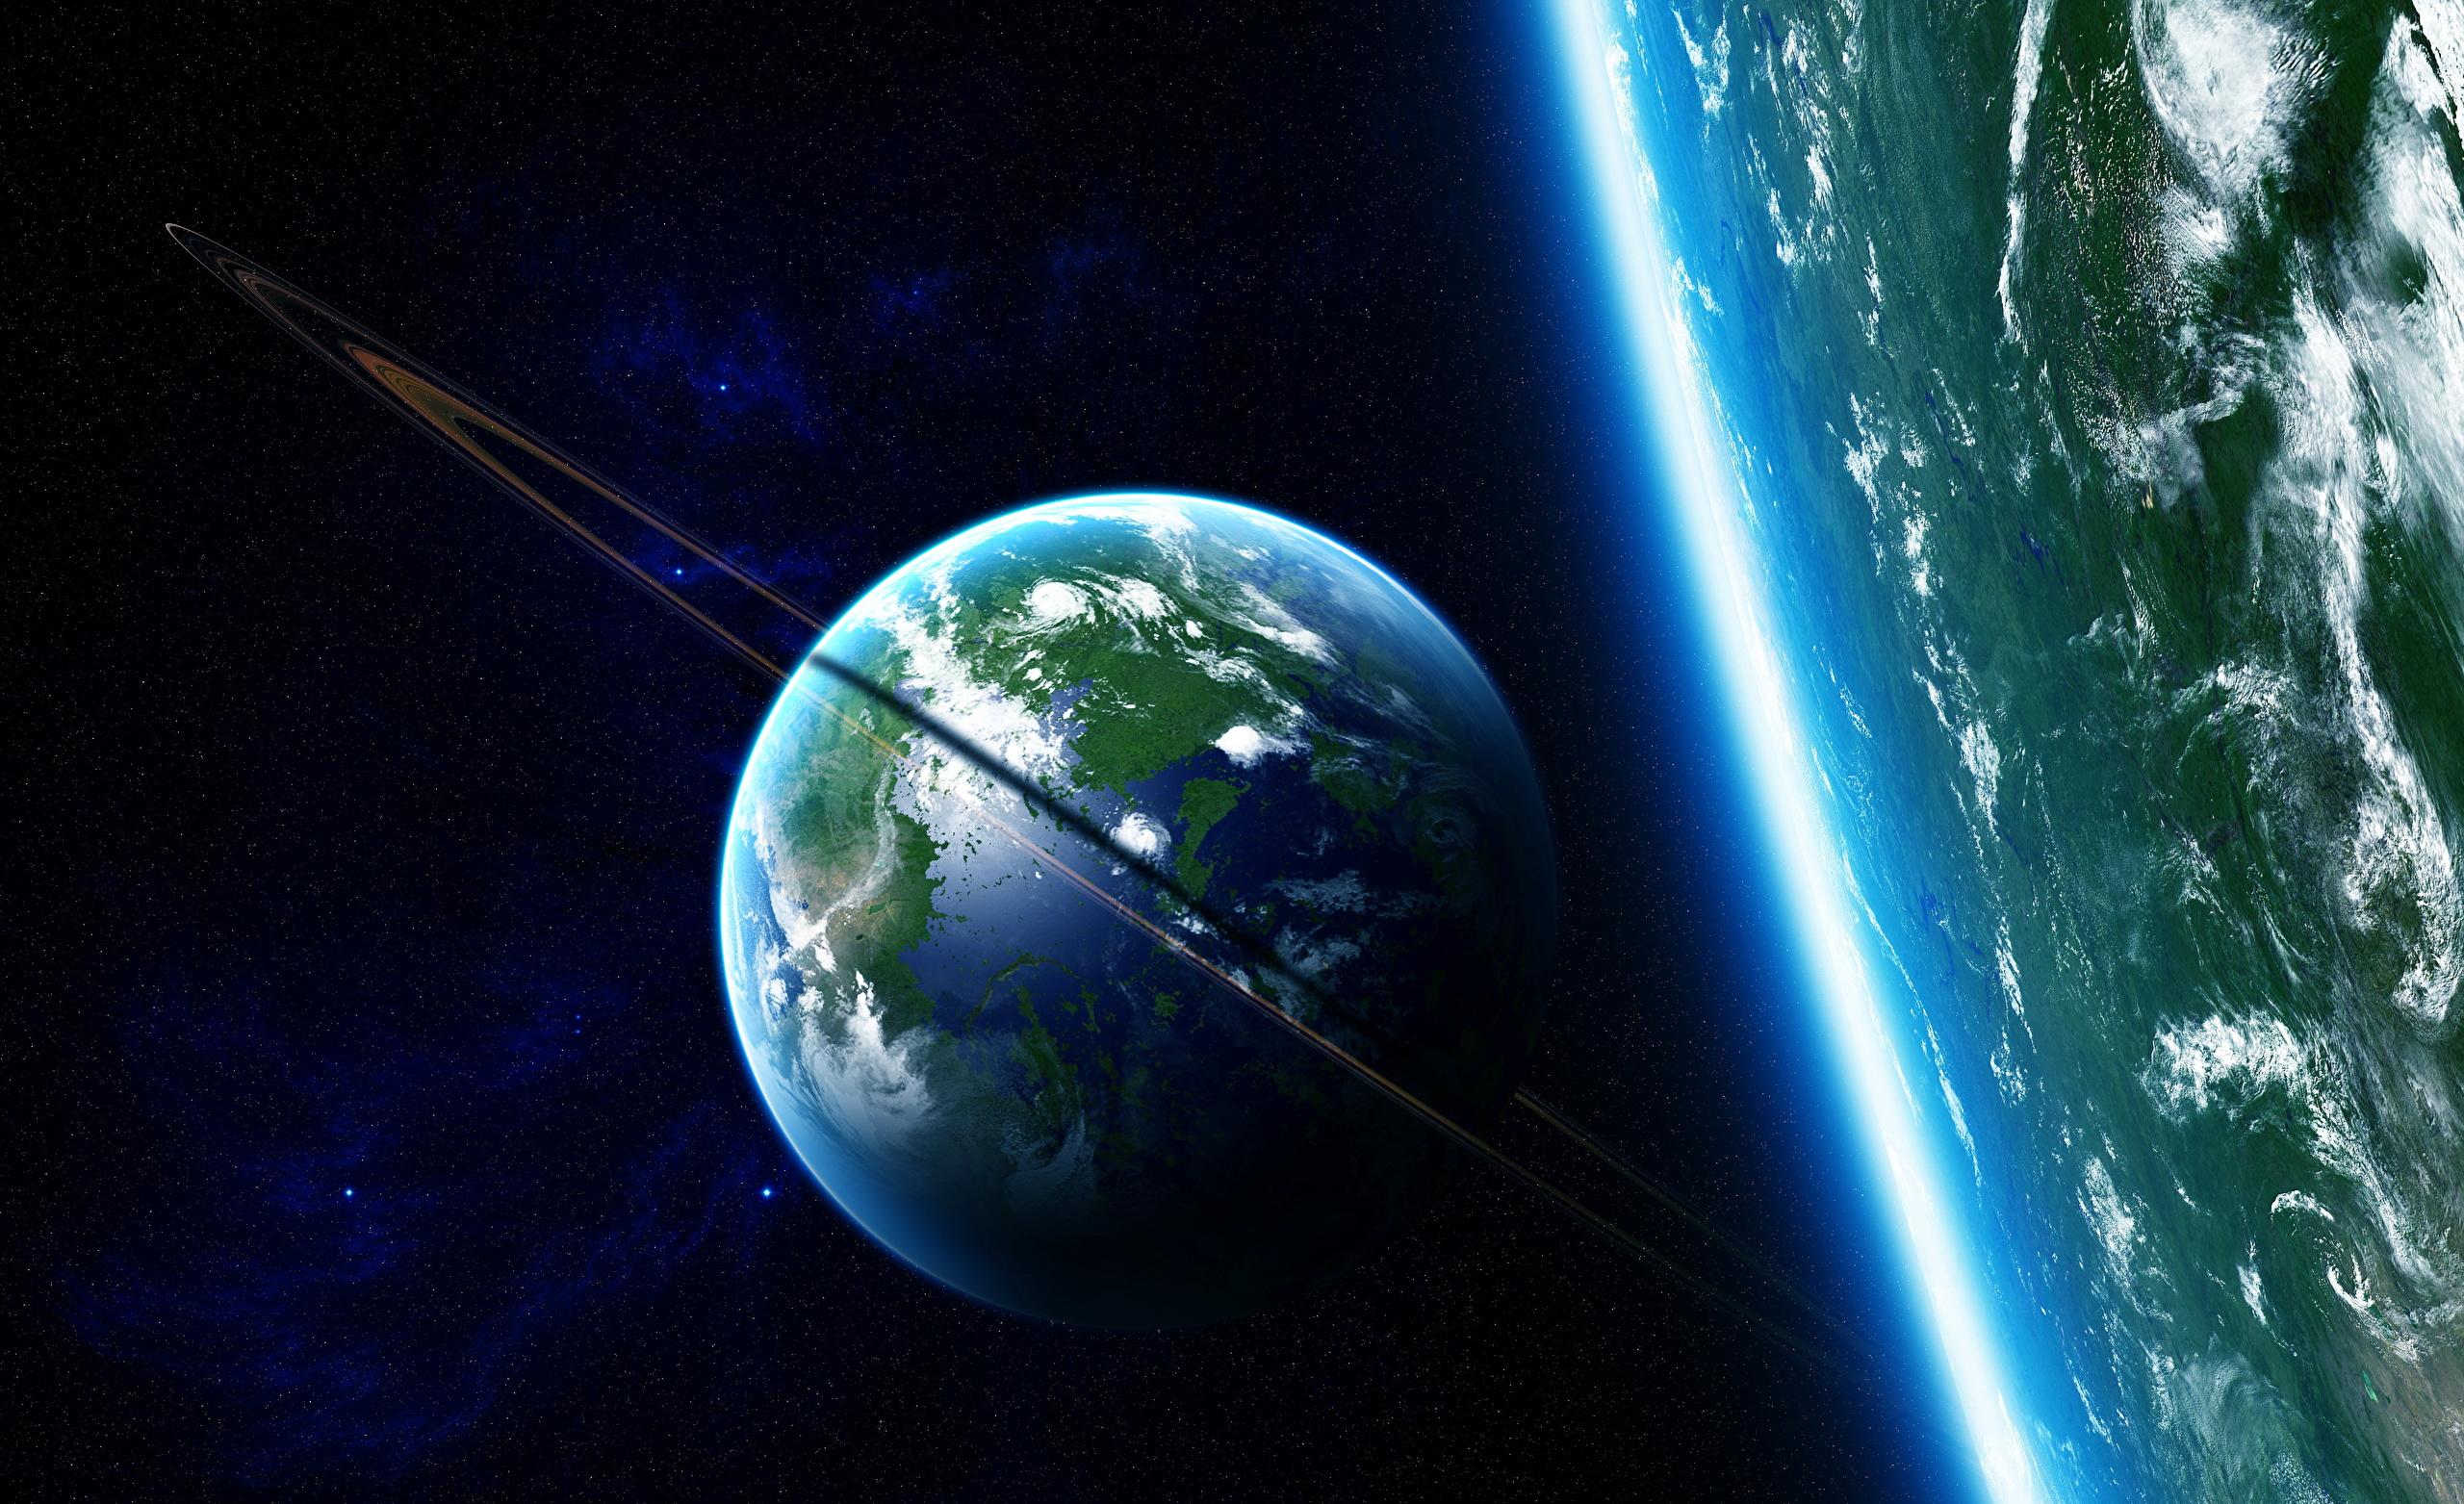 Обои планета космос орбита картинки на рабочий стол на тему Космос - скачать  № 1757073  скачать